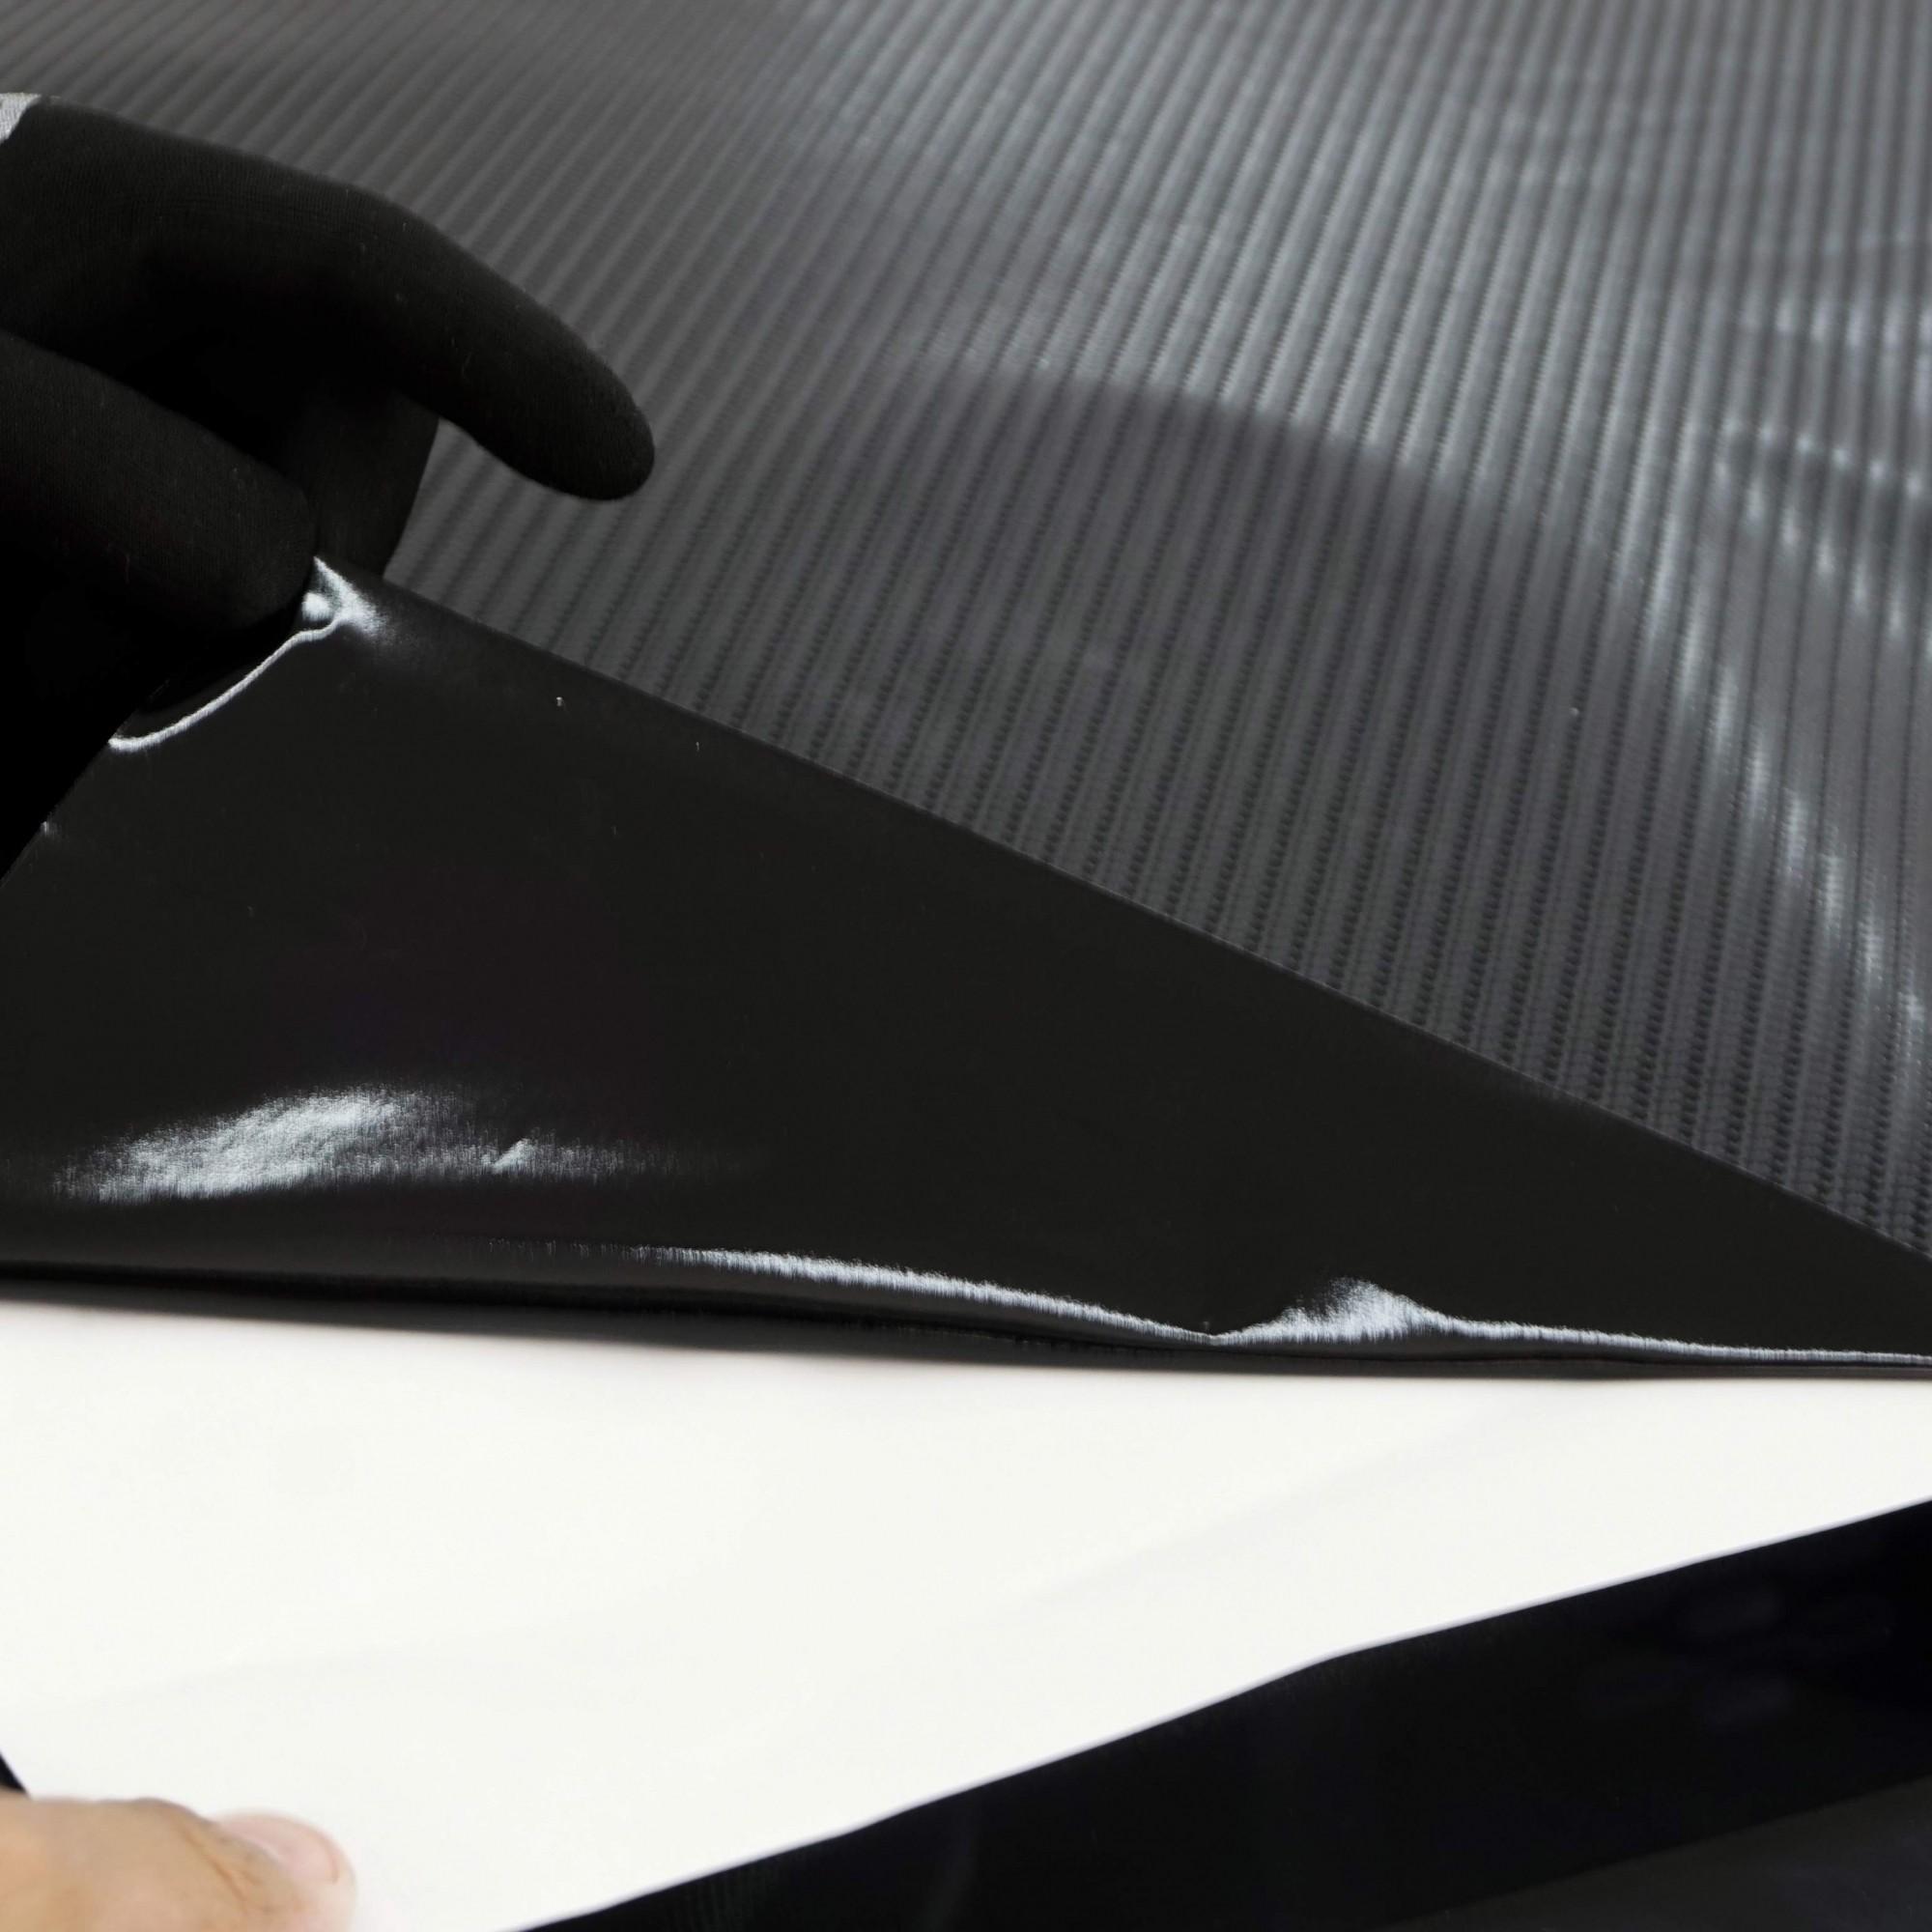 Adesivo Fibra De Carbono 200x 70cm Envelopamento Moldável  - Final Decor